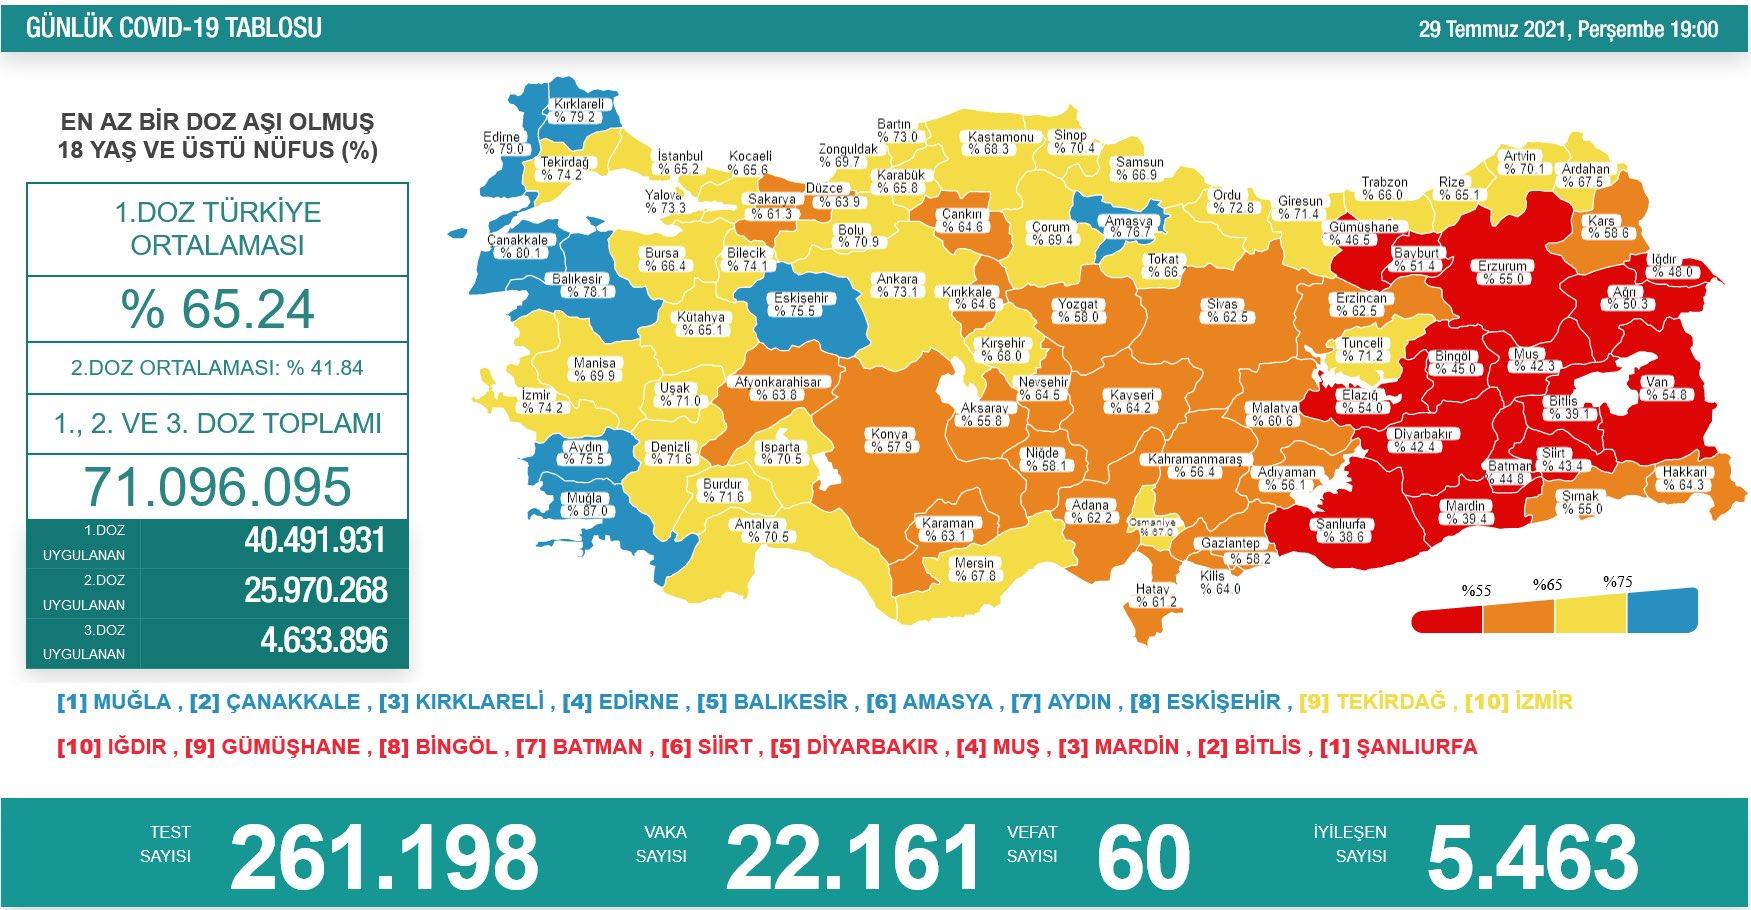 29 Temmuz 2021 Türkiye Koronavirüs Tablosu Açıkladı